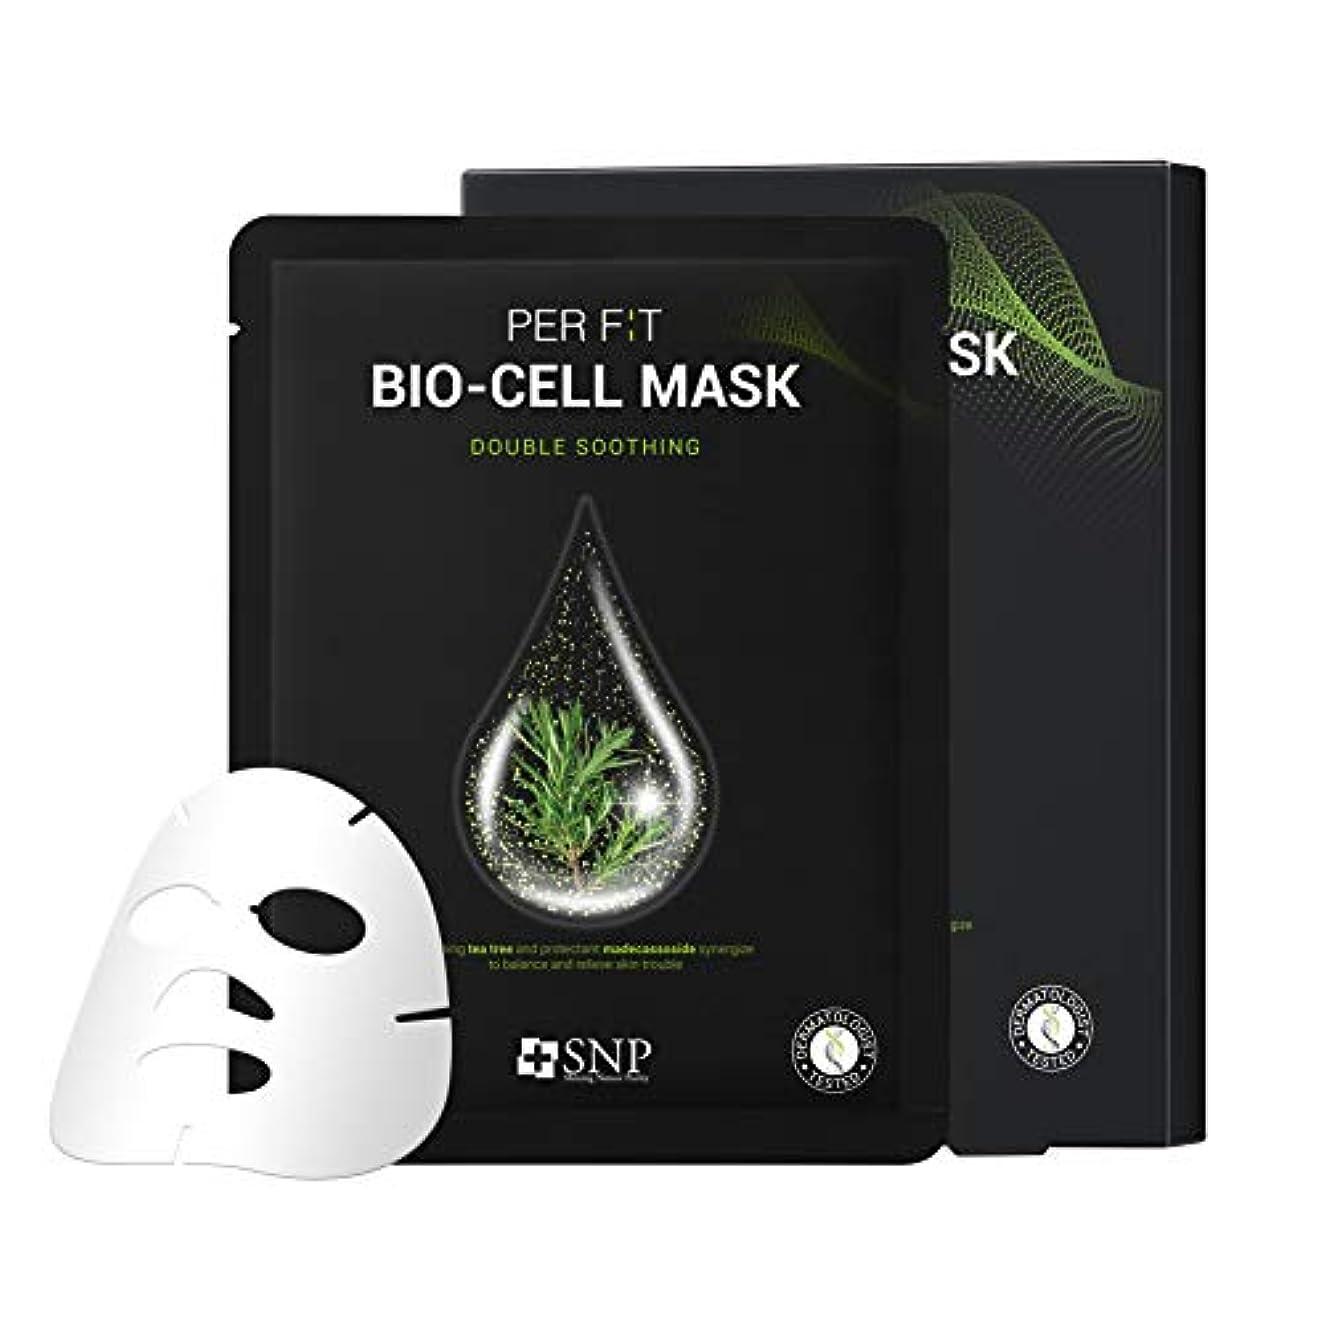 ブランド資金まだら【SNP公式】 パーフィット バイオセルマスク ダブルスージング 5枚セット / PER F:T BIO-CELL MASK DOUBLE SOOTHING 韓国パック 韓国コスメ パック マスクパック シートマスク